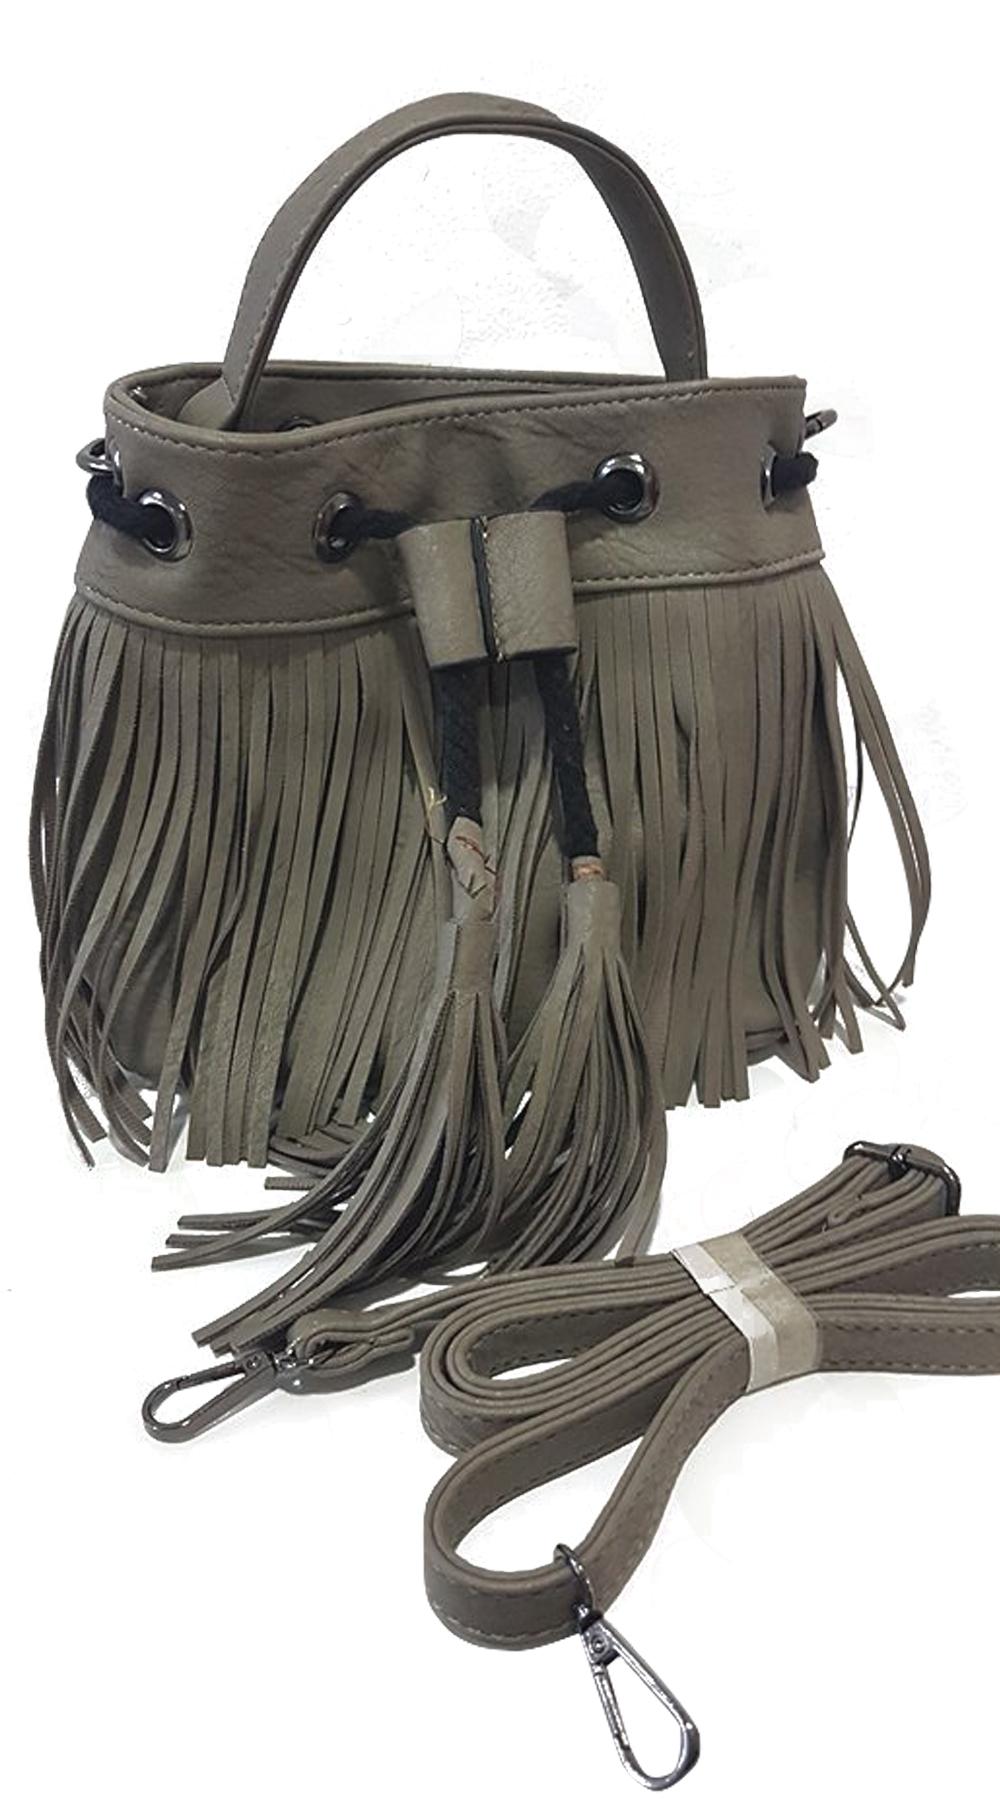 17bcb21b3d Γυναικεία τσάντα πουγκί boho με κρόσσια